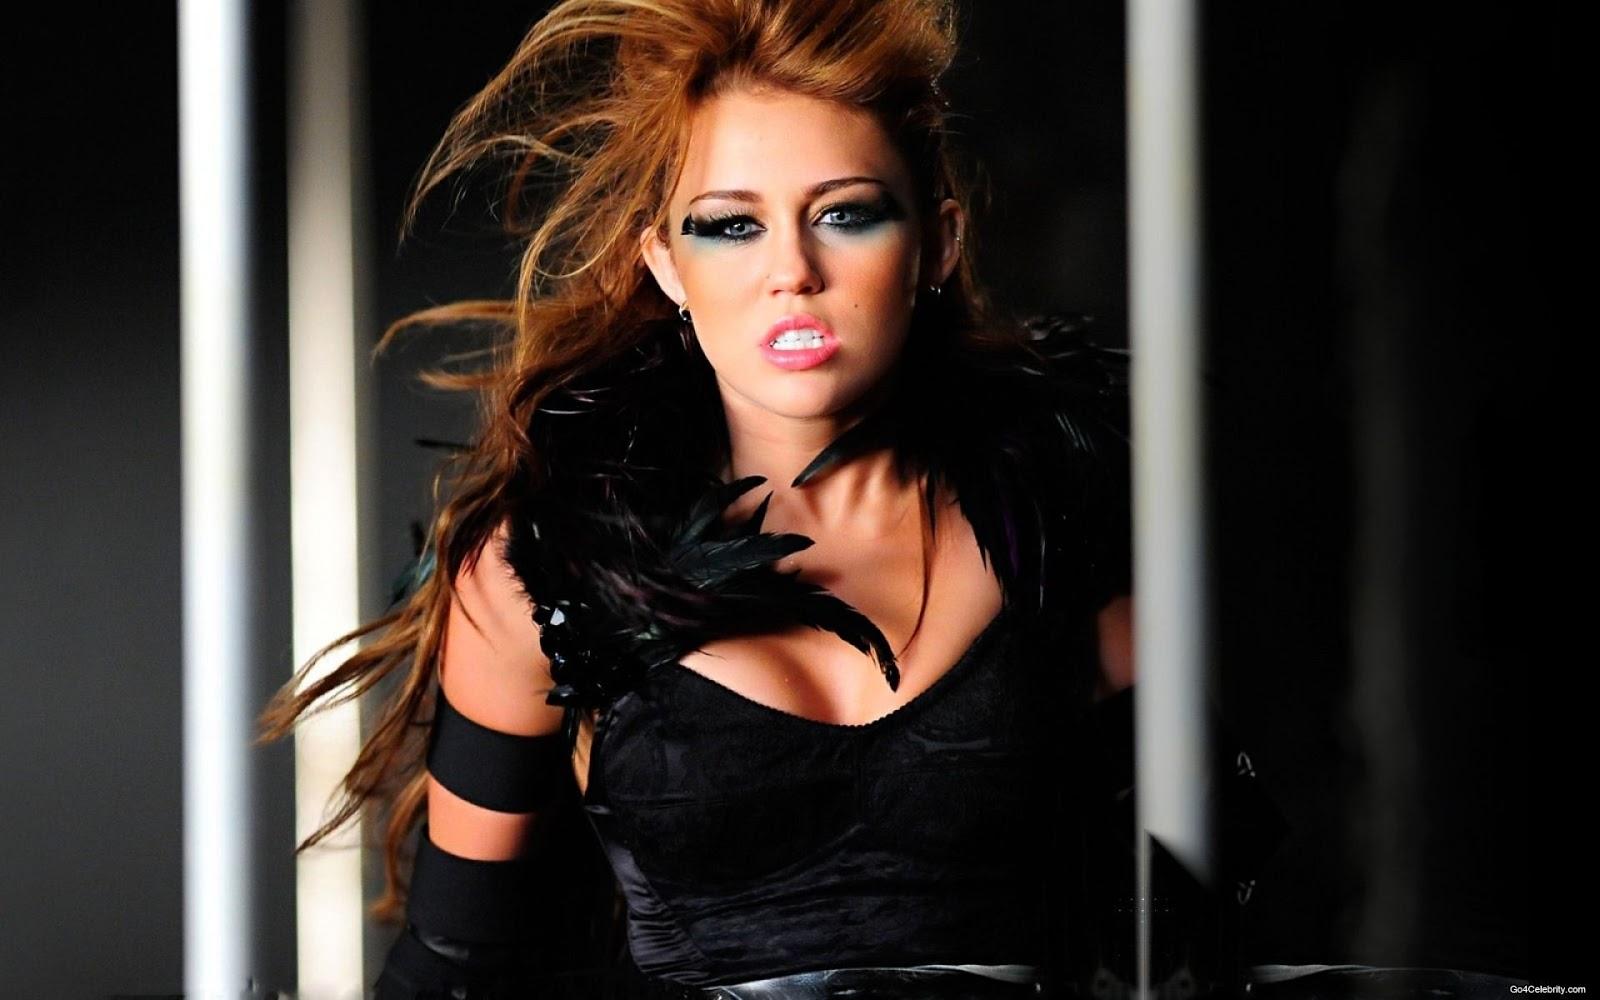 http://3.bp.blogspot.com/-Y1gAMXyCPBo/UJbi9UwDB-I/AAAAAAAAeVA/wfNGHbQ2Lzo/s1600/Miley-Cyrus-can\'t-be-tamed.jpg